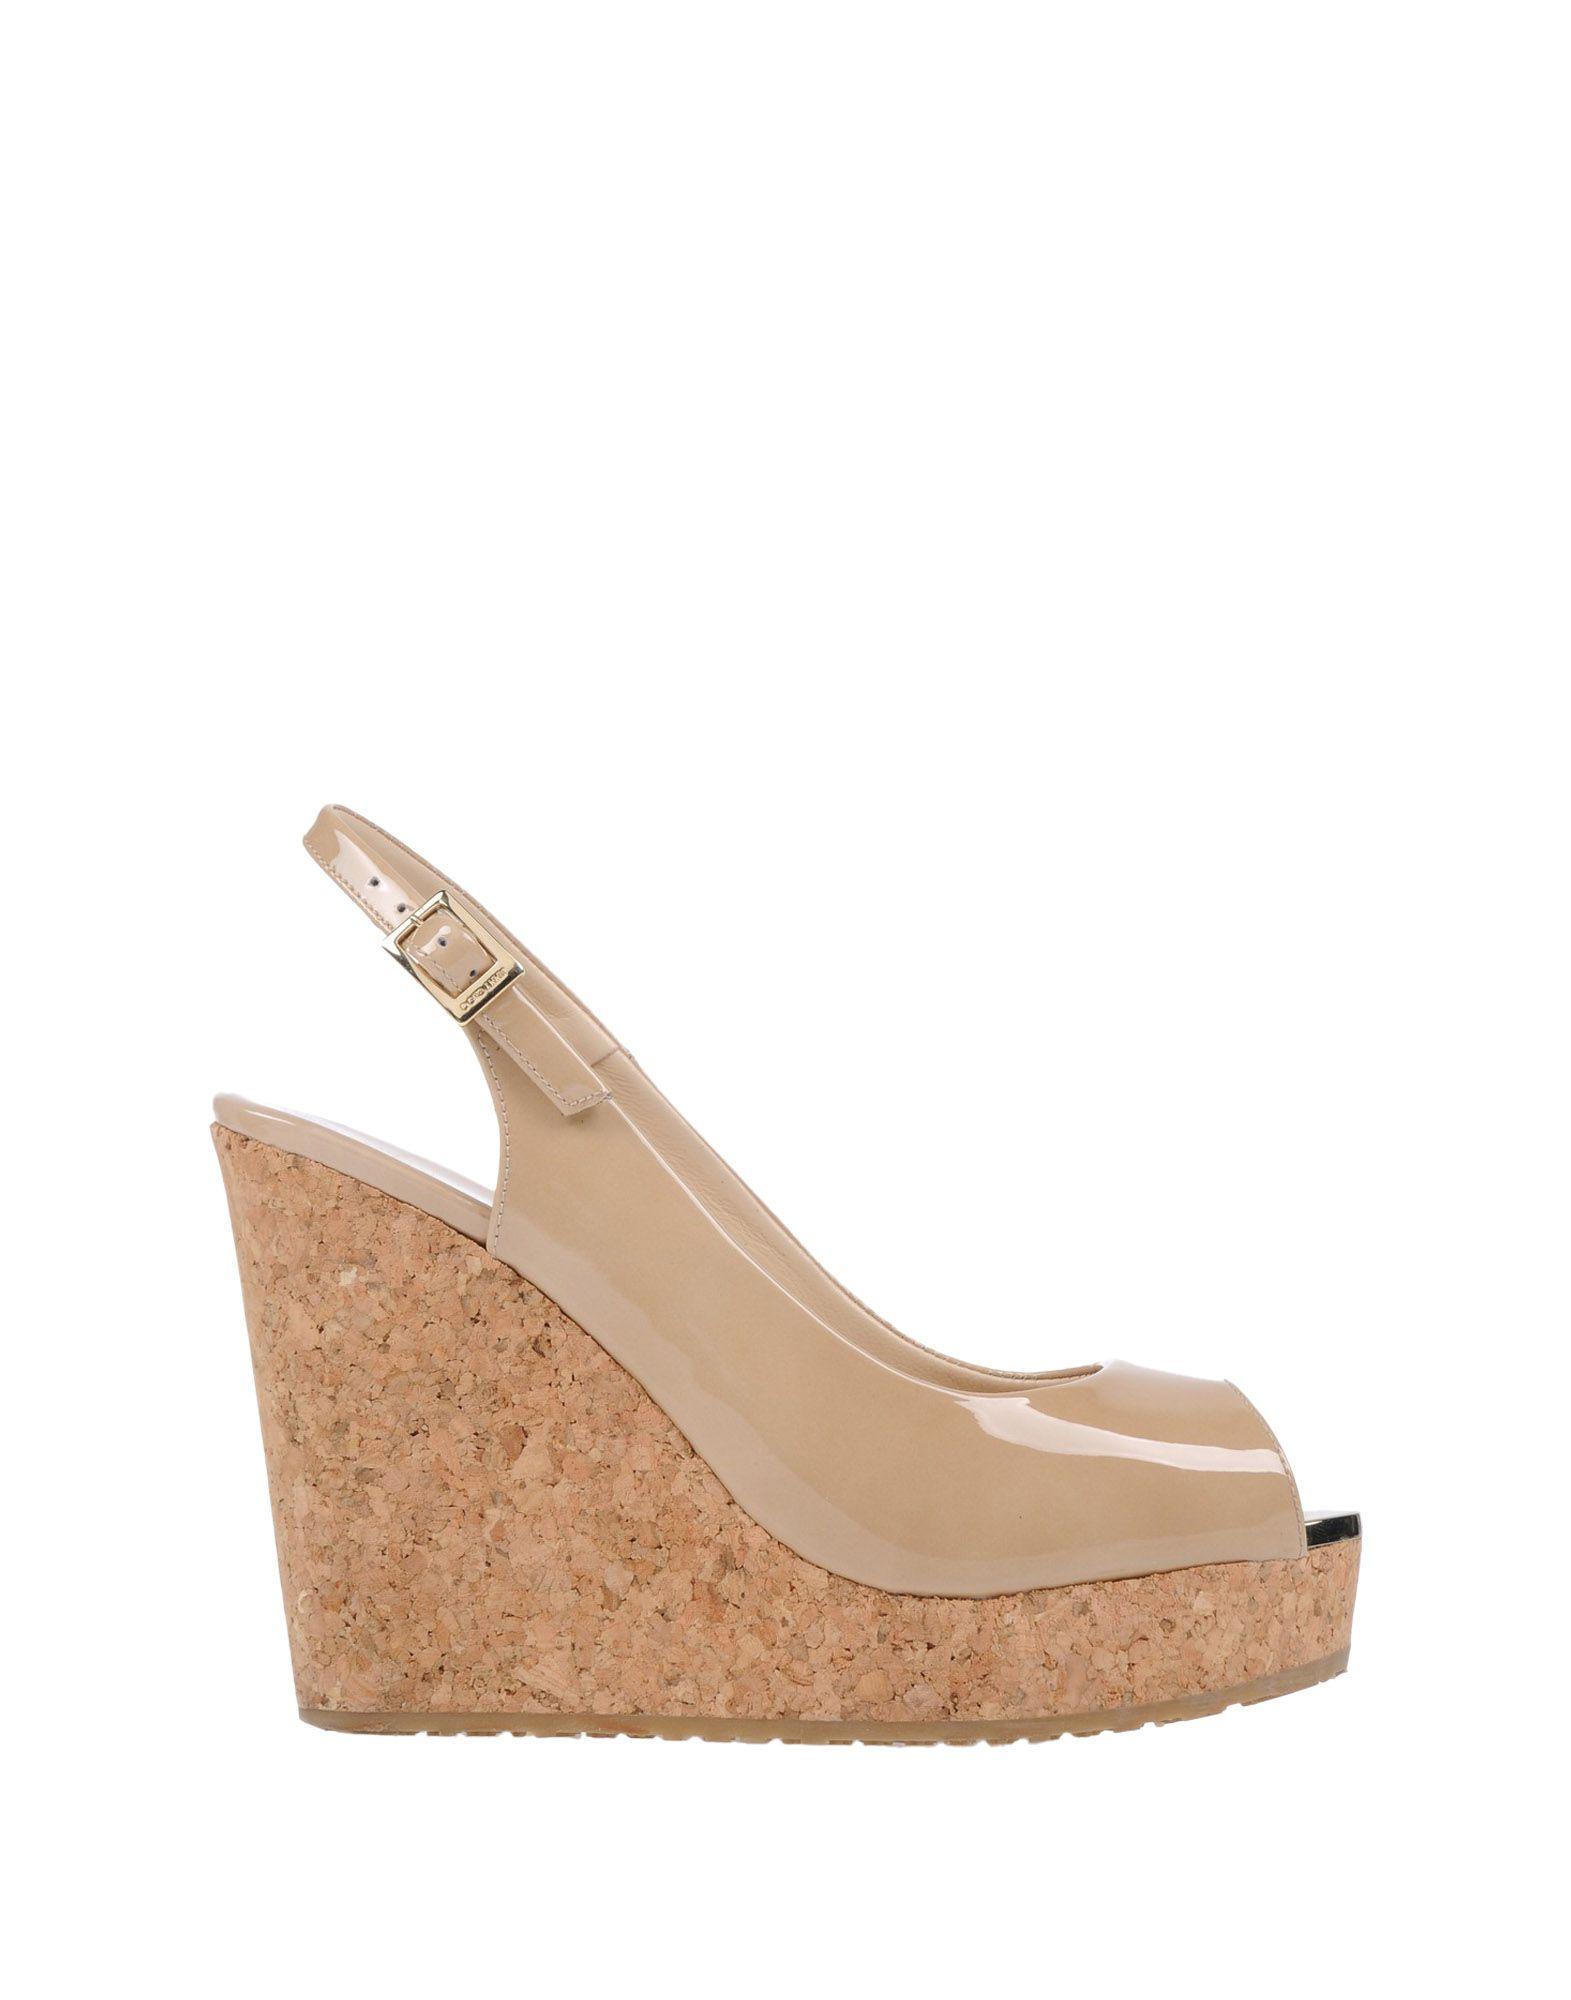 Jimmy Choo Sandalen Damen Schuhe  11455222RT Beliebte Schuhe Damen d79e08